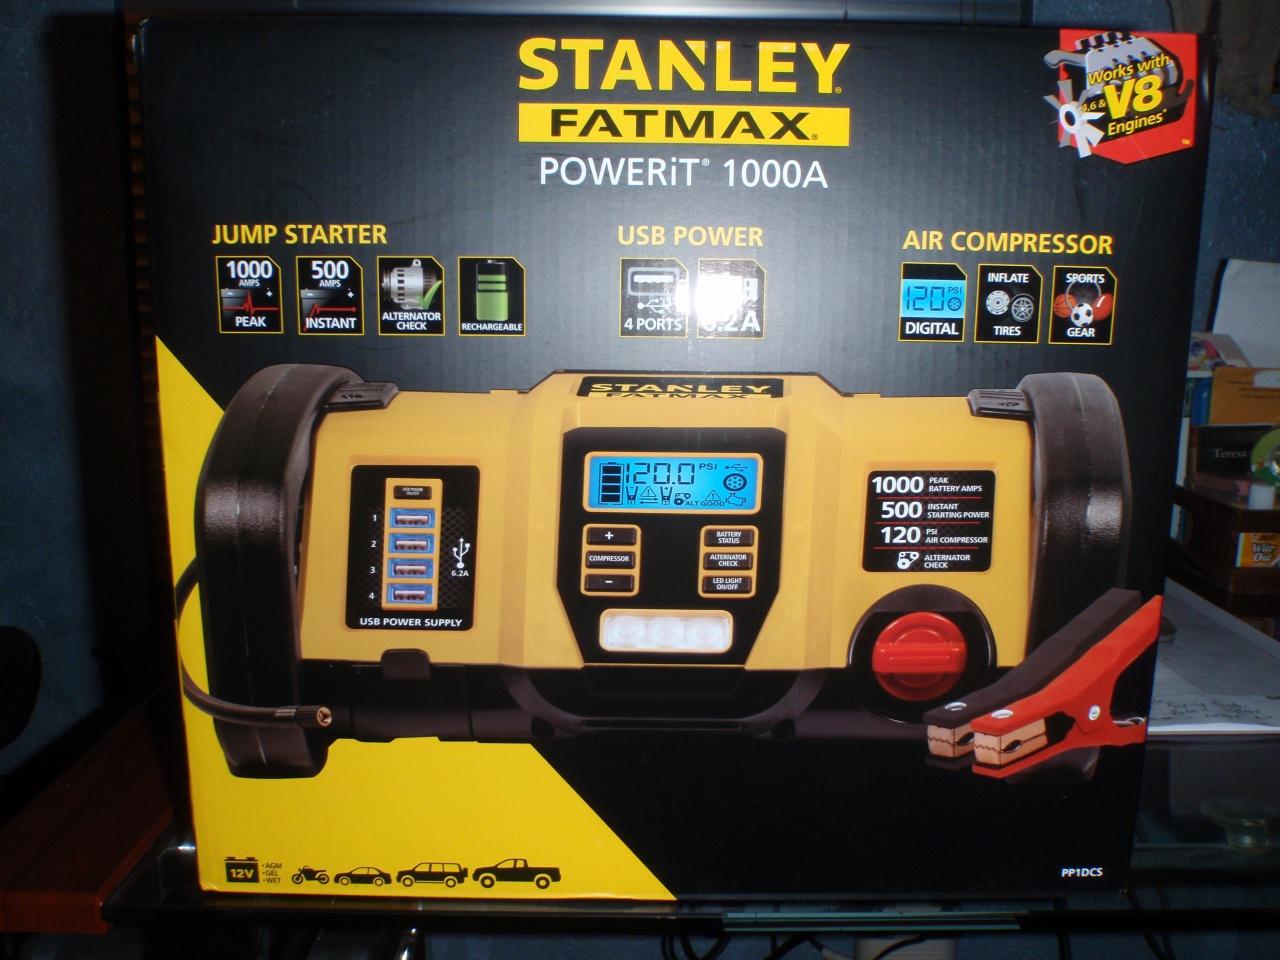 New Stanley Fatmax Power Station Jump Starter-p1090092-jpg